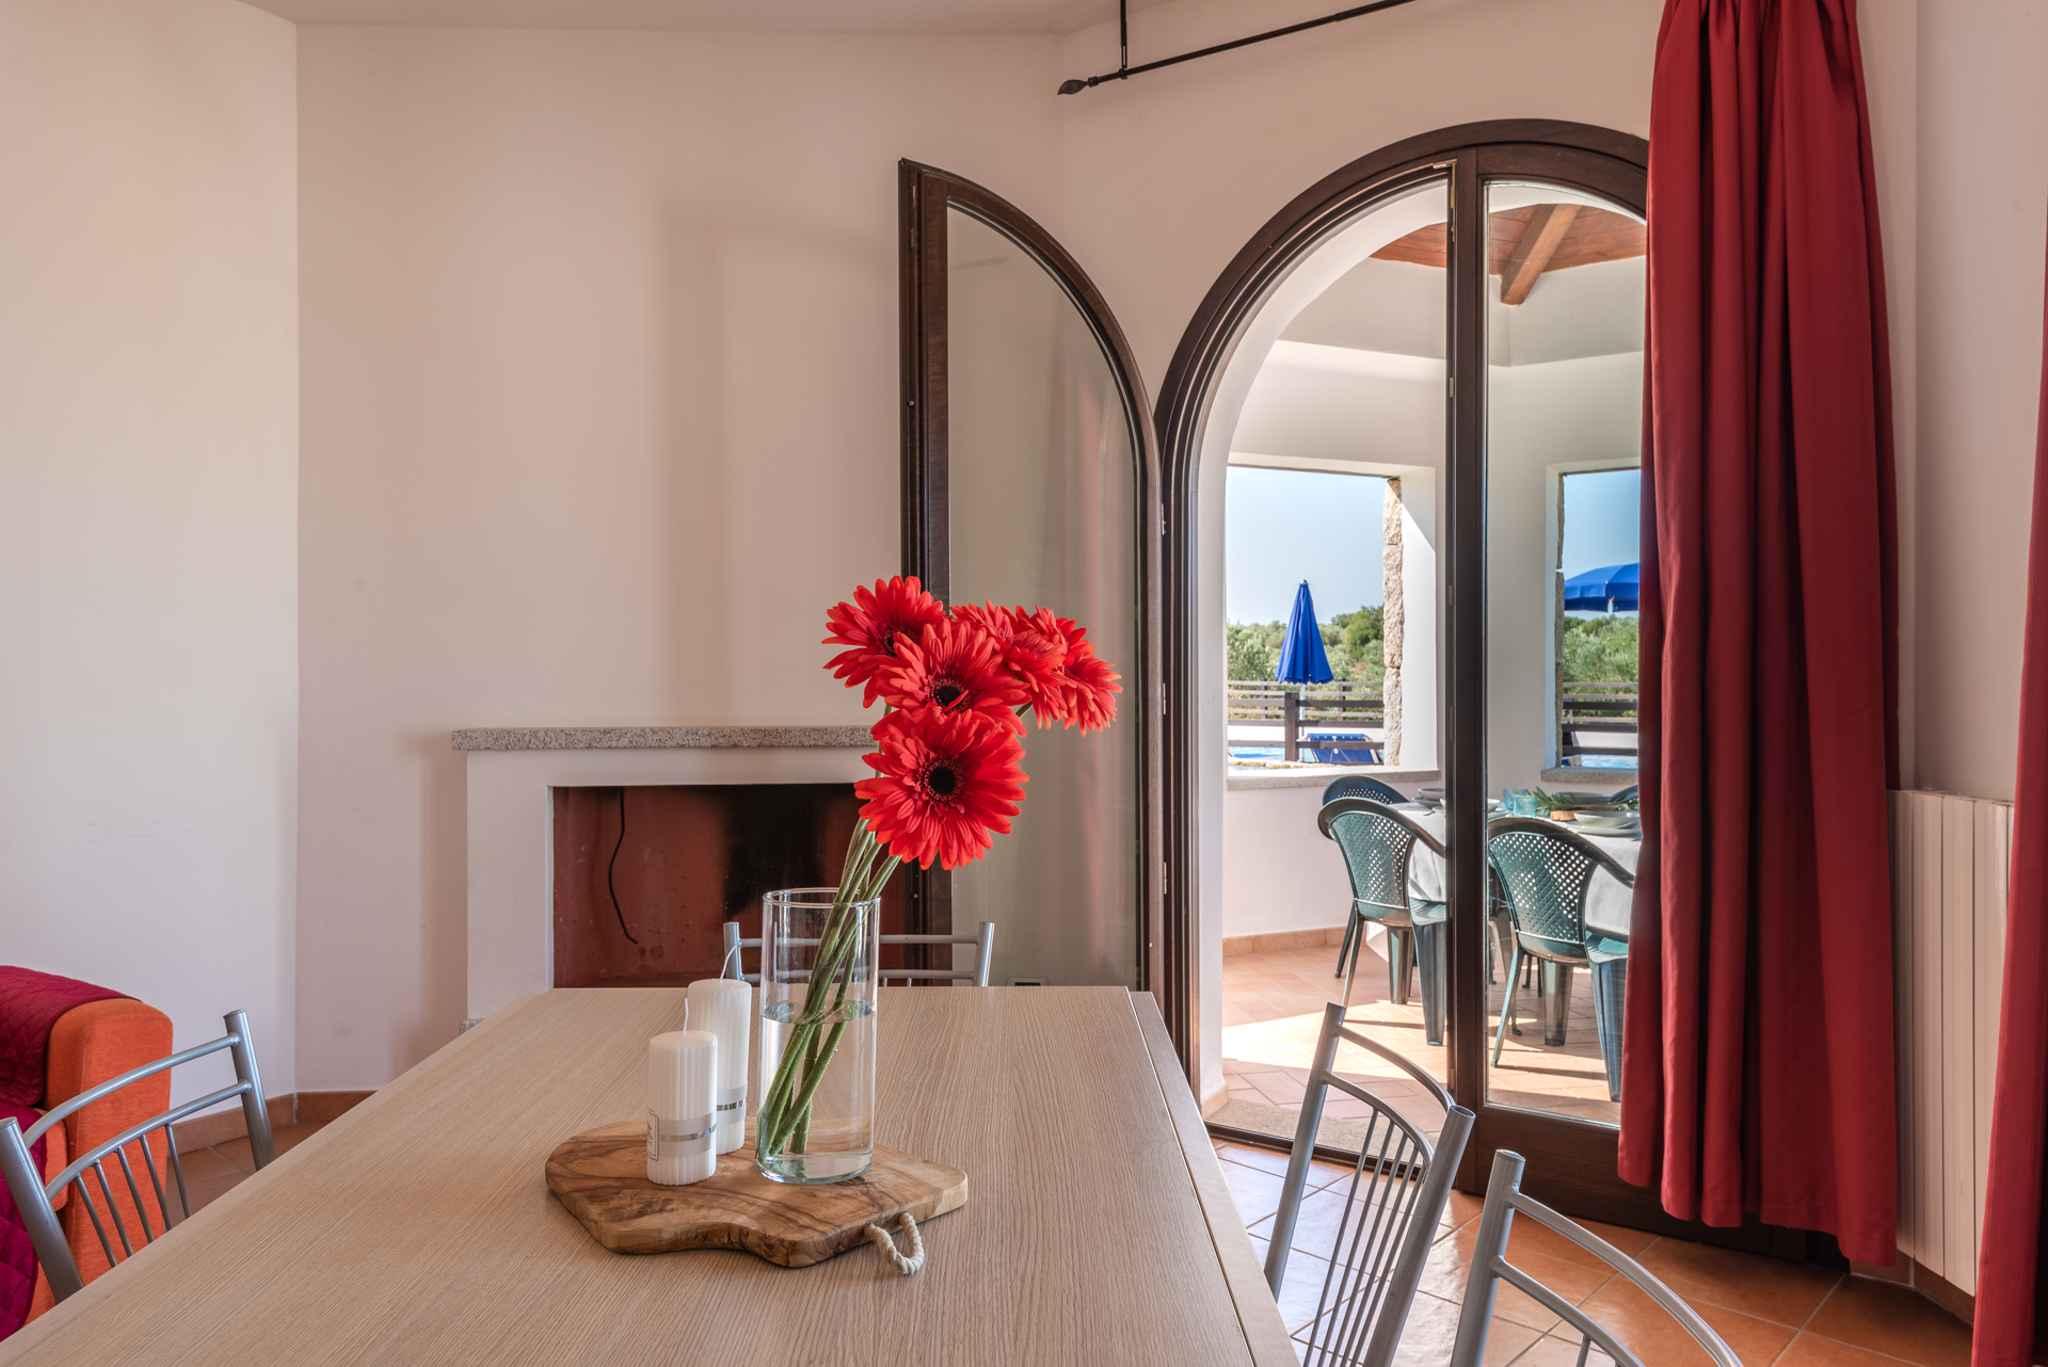 Ferienhaus mit KLimaanlage (2182426), Alghero, Sassari, Sardinien, Italien, Bild 16